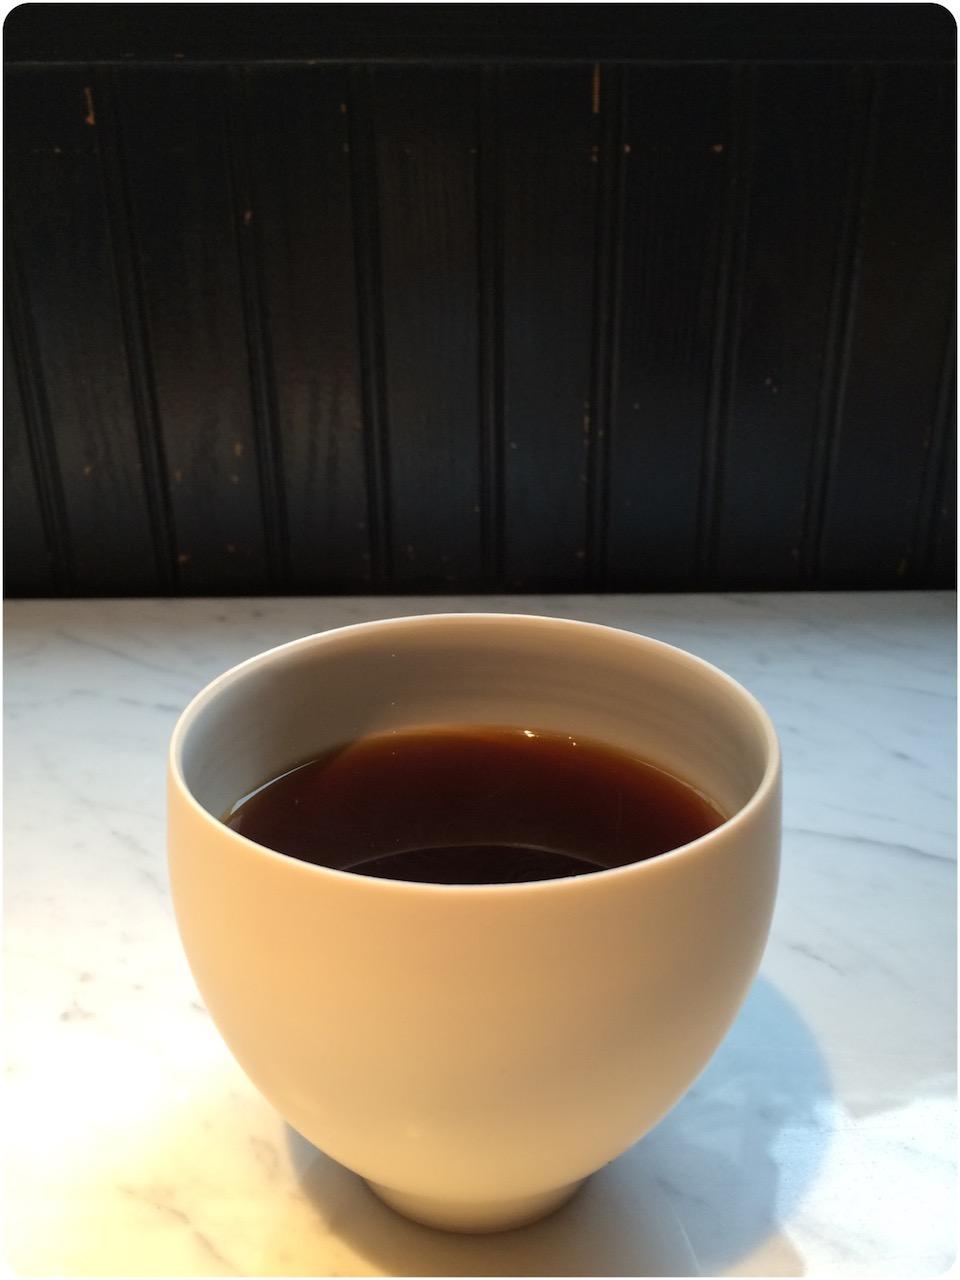 paddlers_coffee_141106_1.jpg